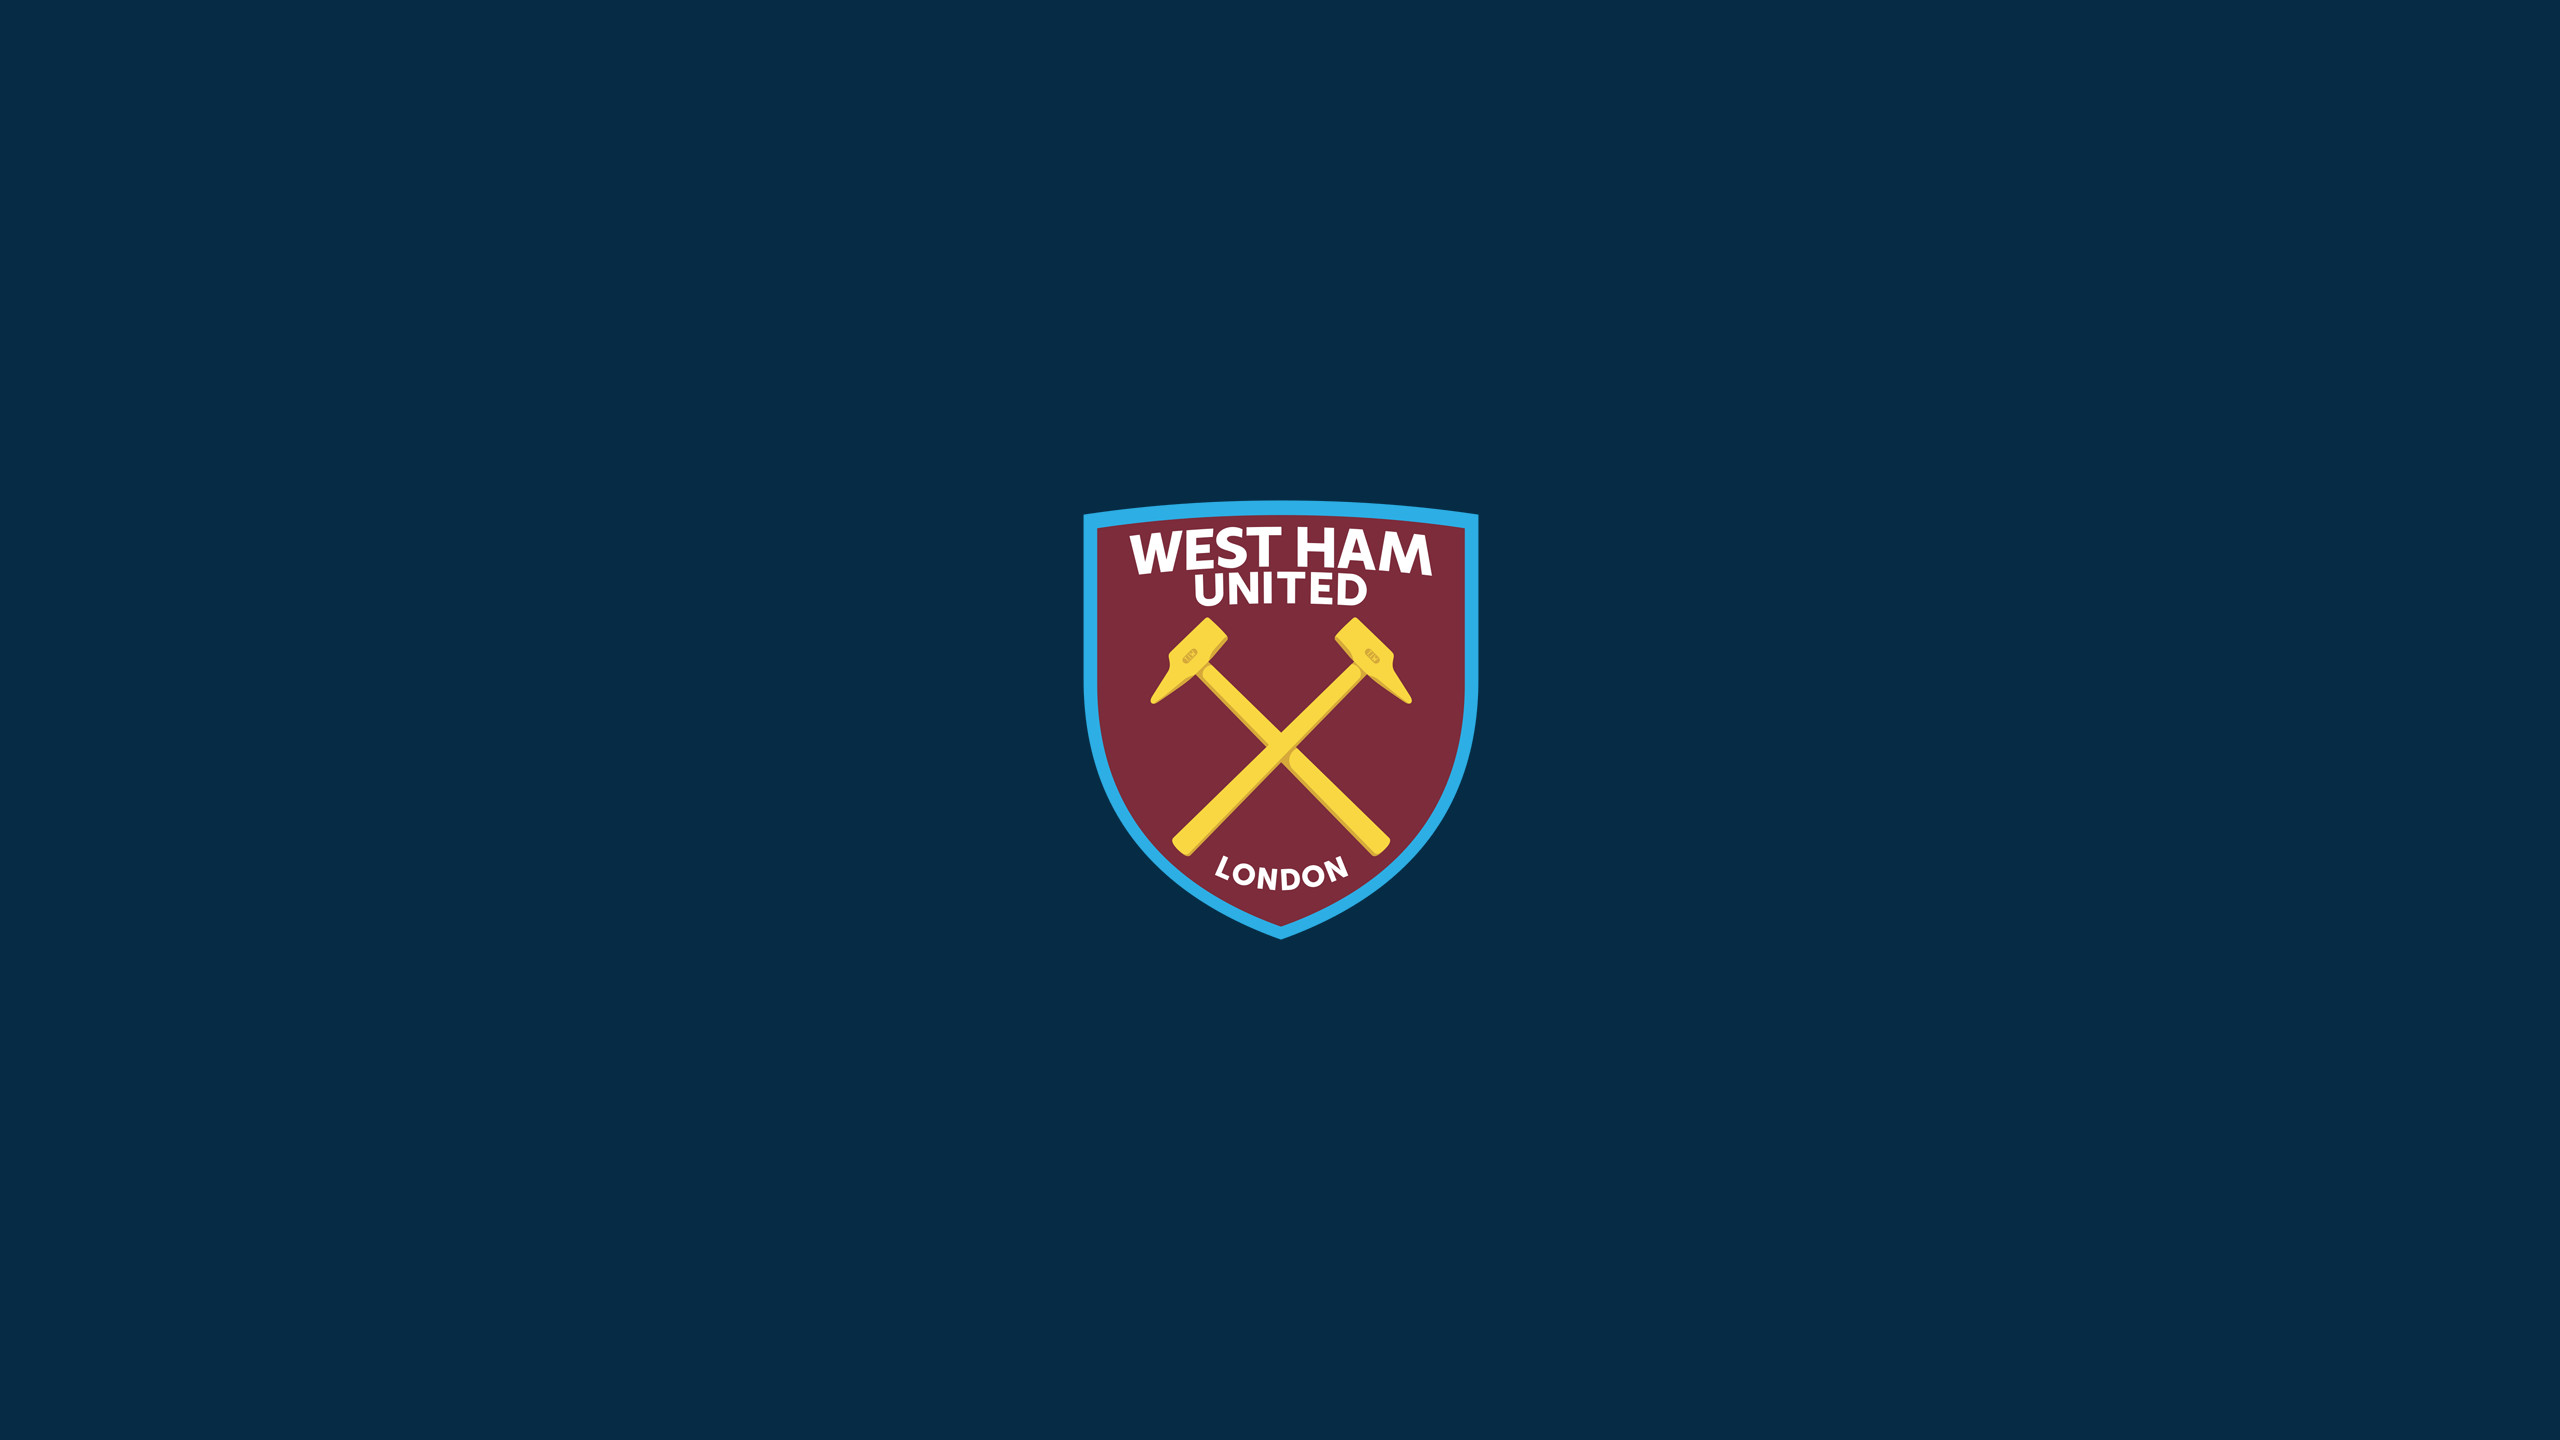 Res: 2560x1440, west ham desktop wallpaper